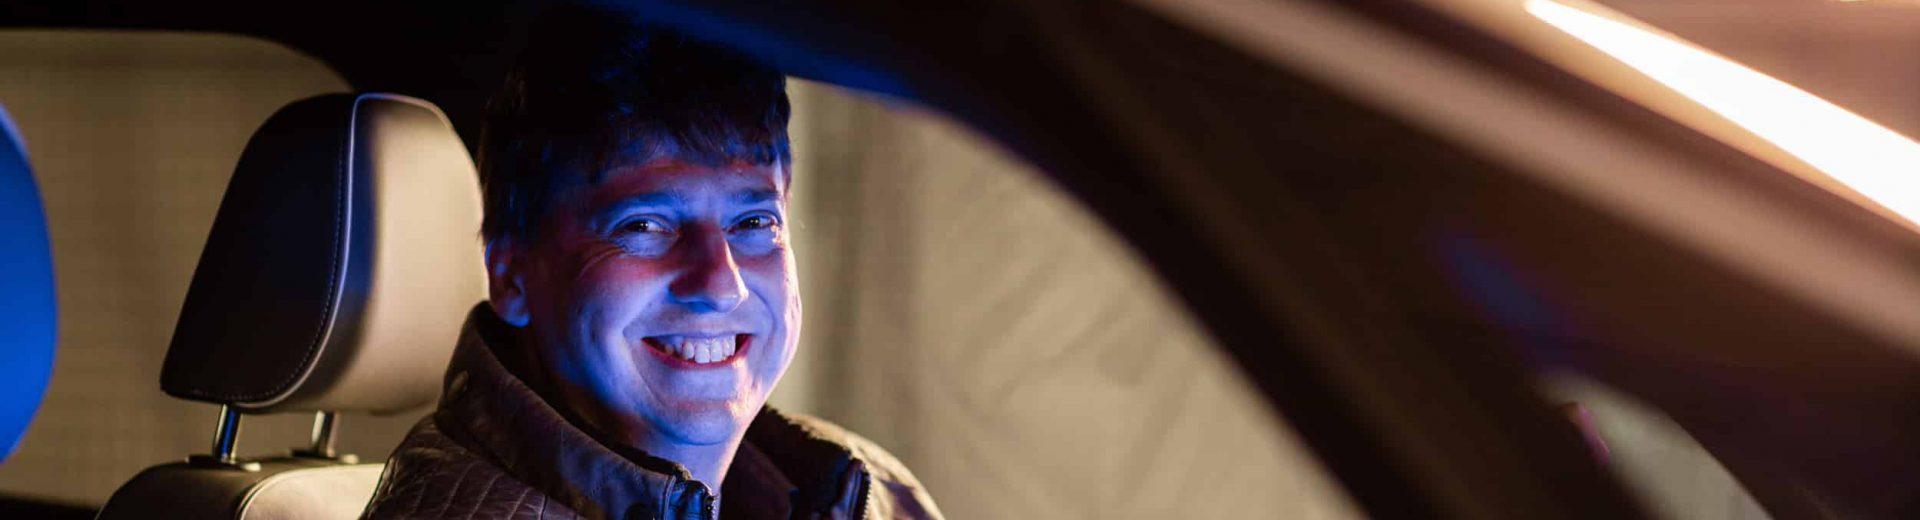 Michael Freitag, Projektleiter Datacenter, envia TEL, sitzt in einem Auto